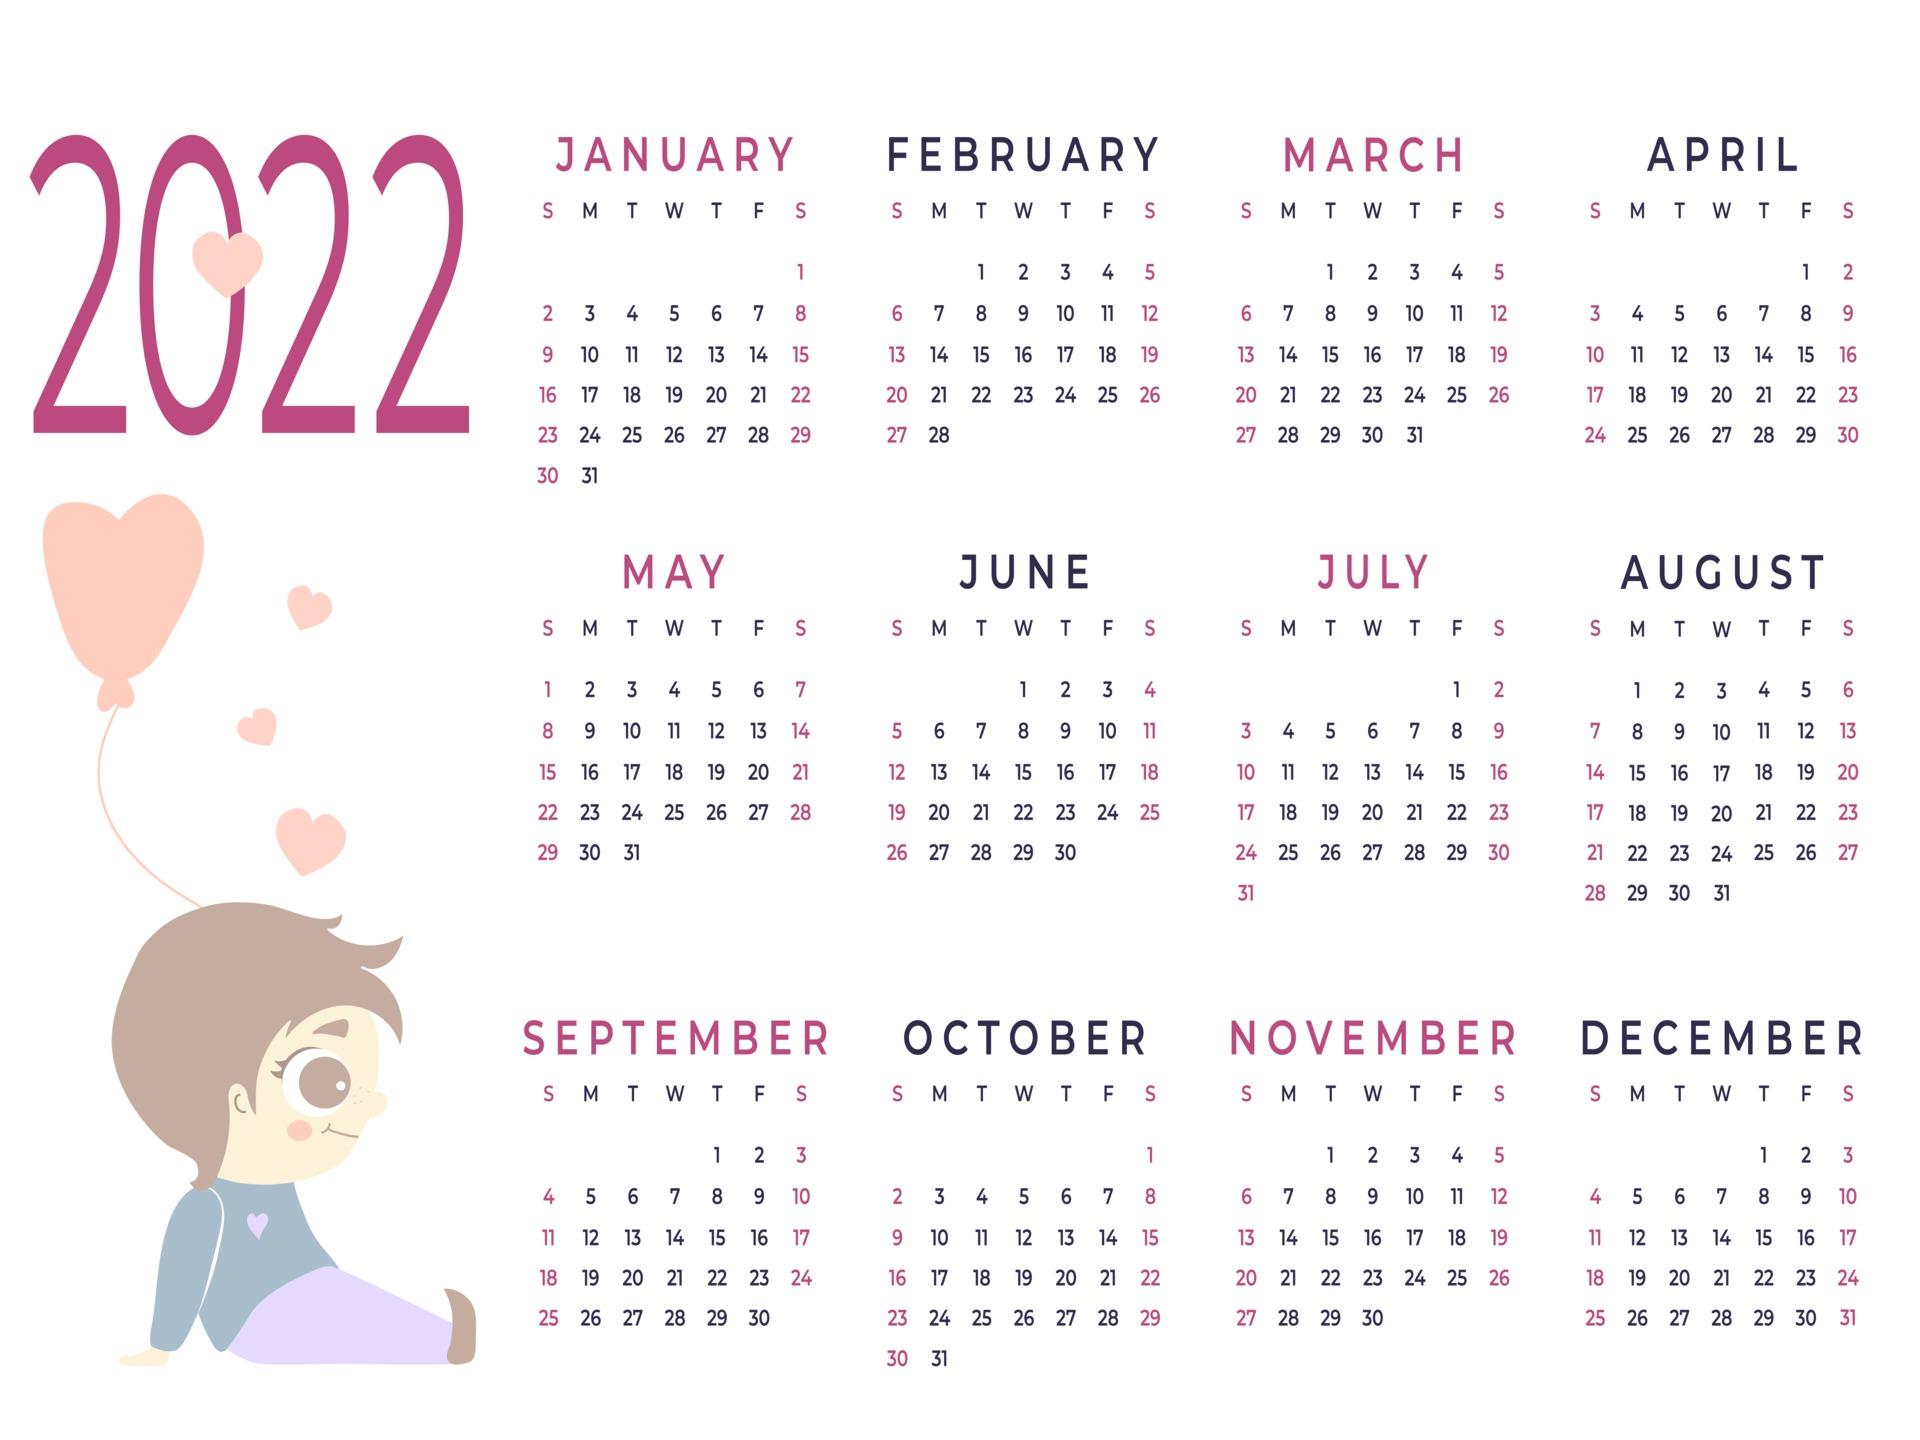 Kids Calendar 2022.Calendar 2022 Horizontal Template For A Year Kids Collection 2403569 Vector Art At Vecteezy